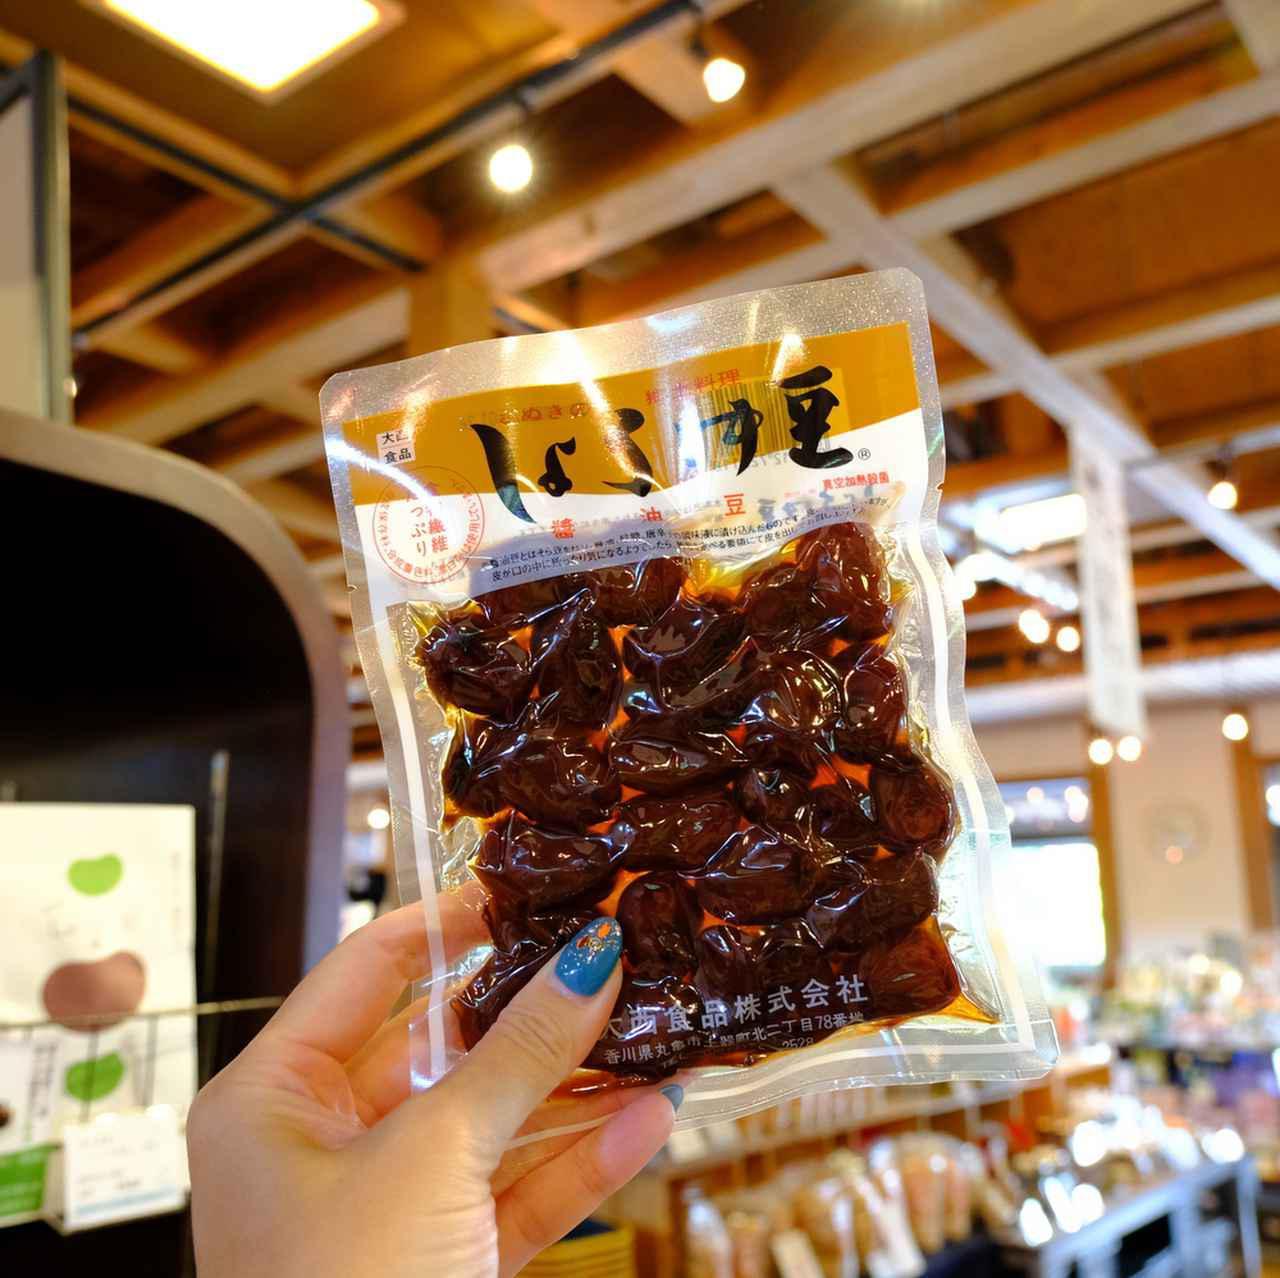 画像: おみやげ品も買えます。こちらは香川名物「しょうゆ豆」。ほくほくとした食感で箸が止まらなくなります。